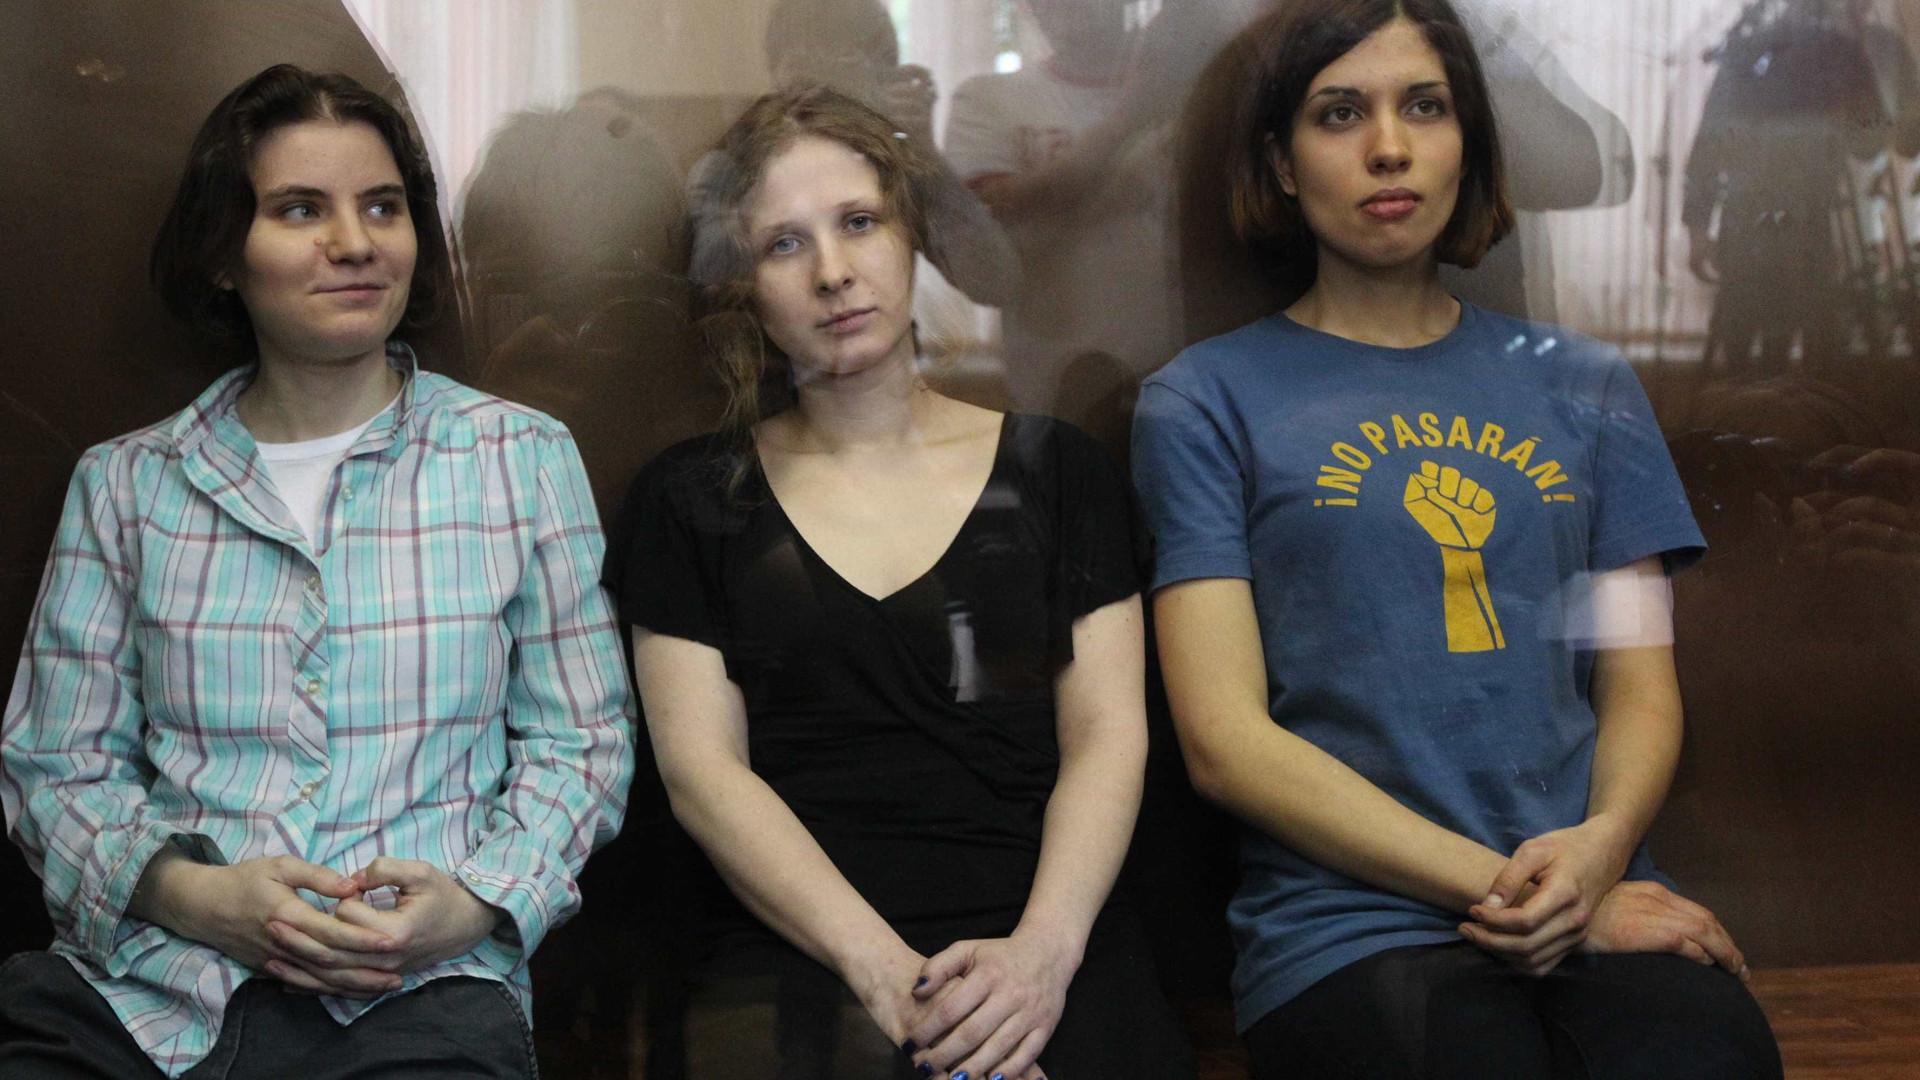 Duas jovens do grupo Pussy Ryot chegaram aos campos de detenção